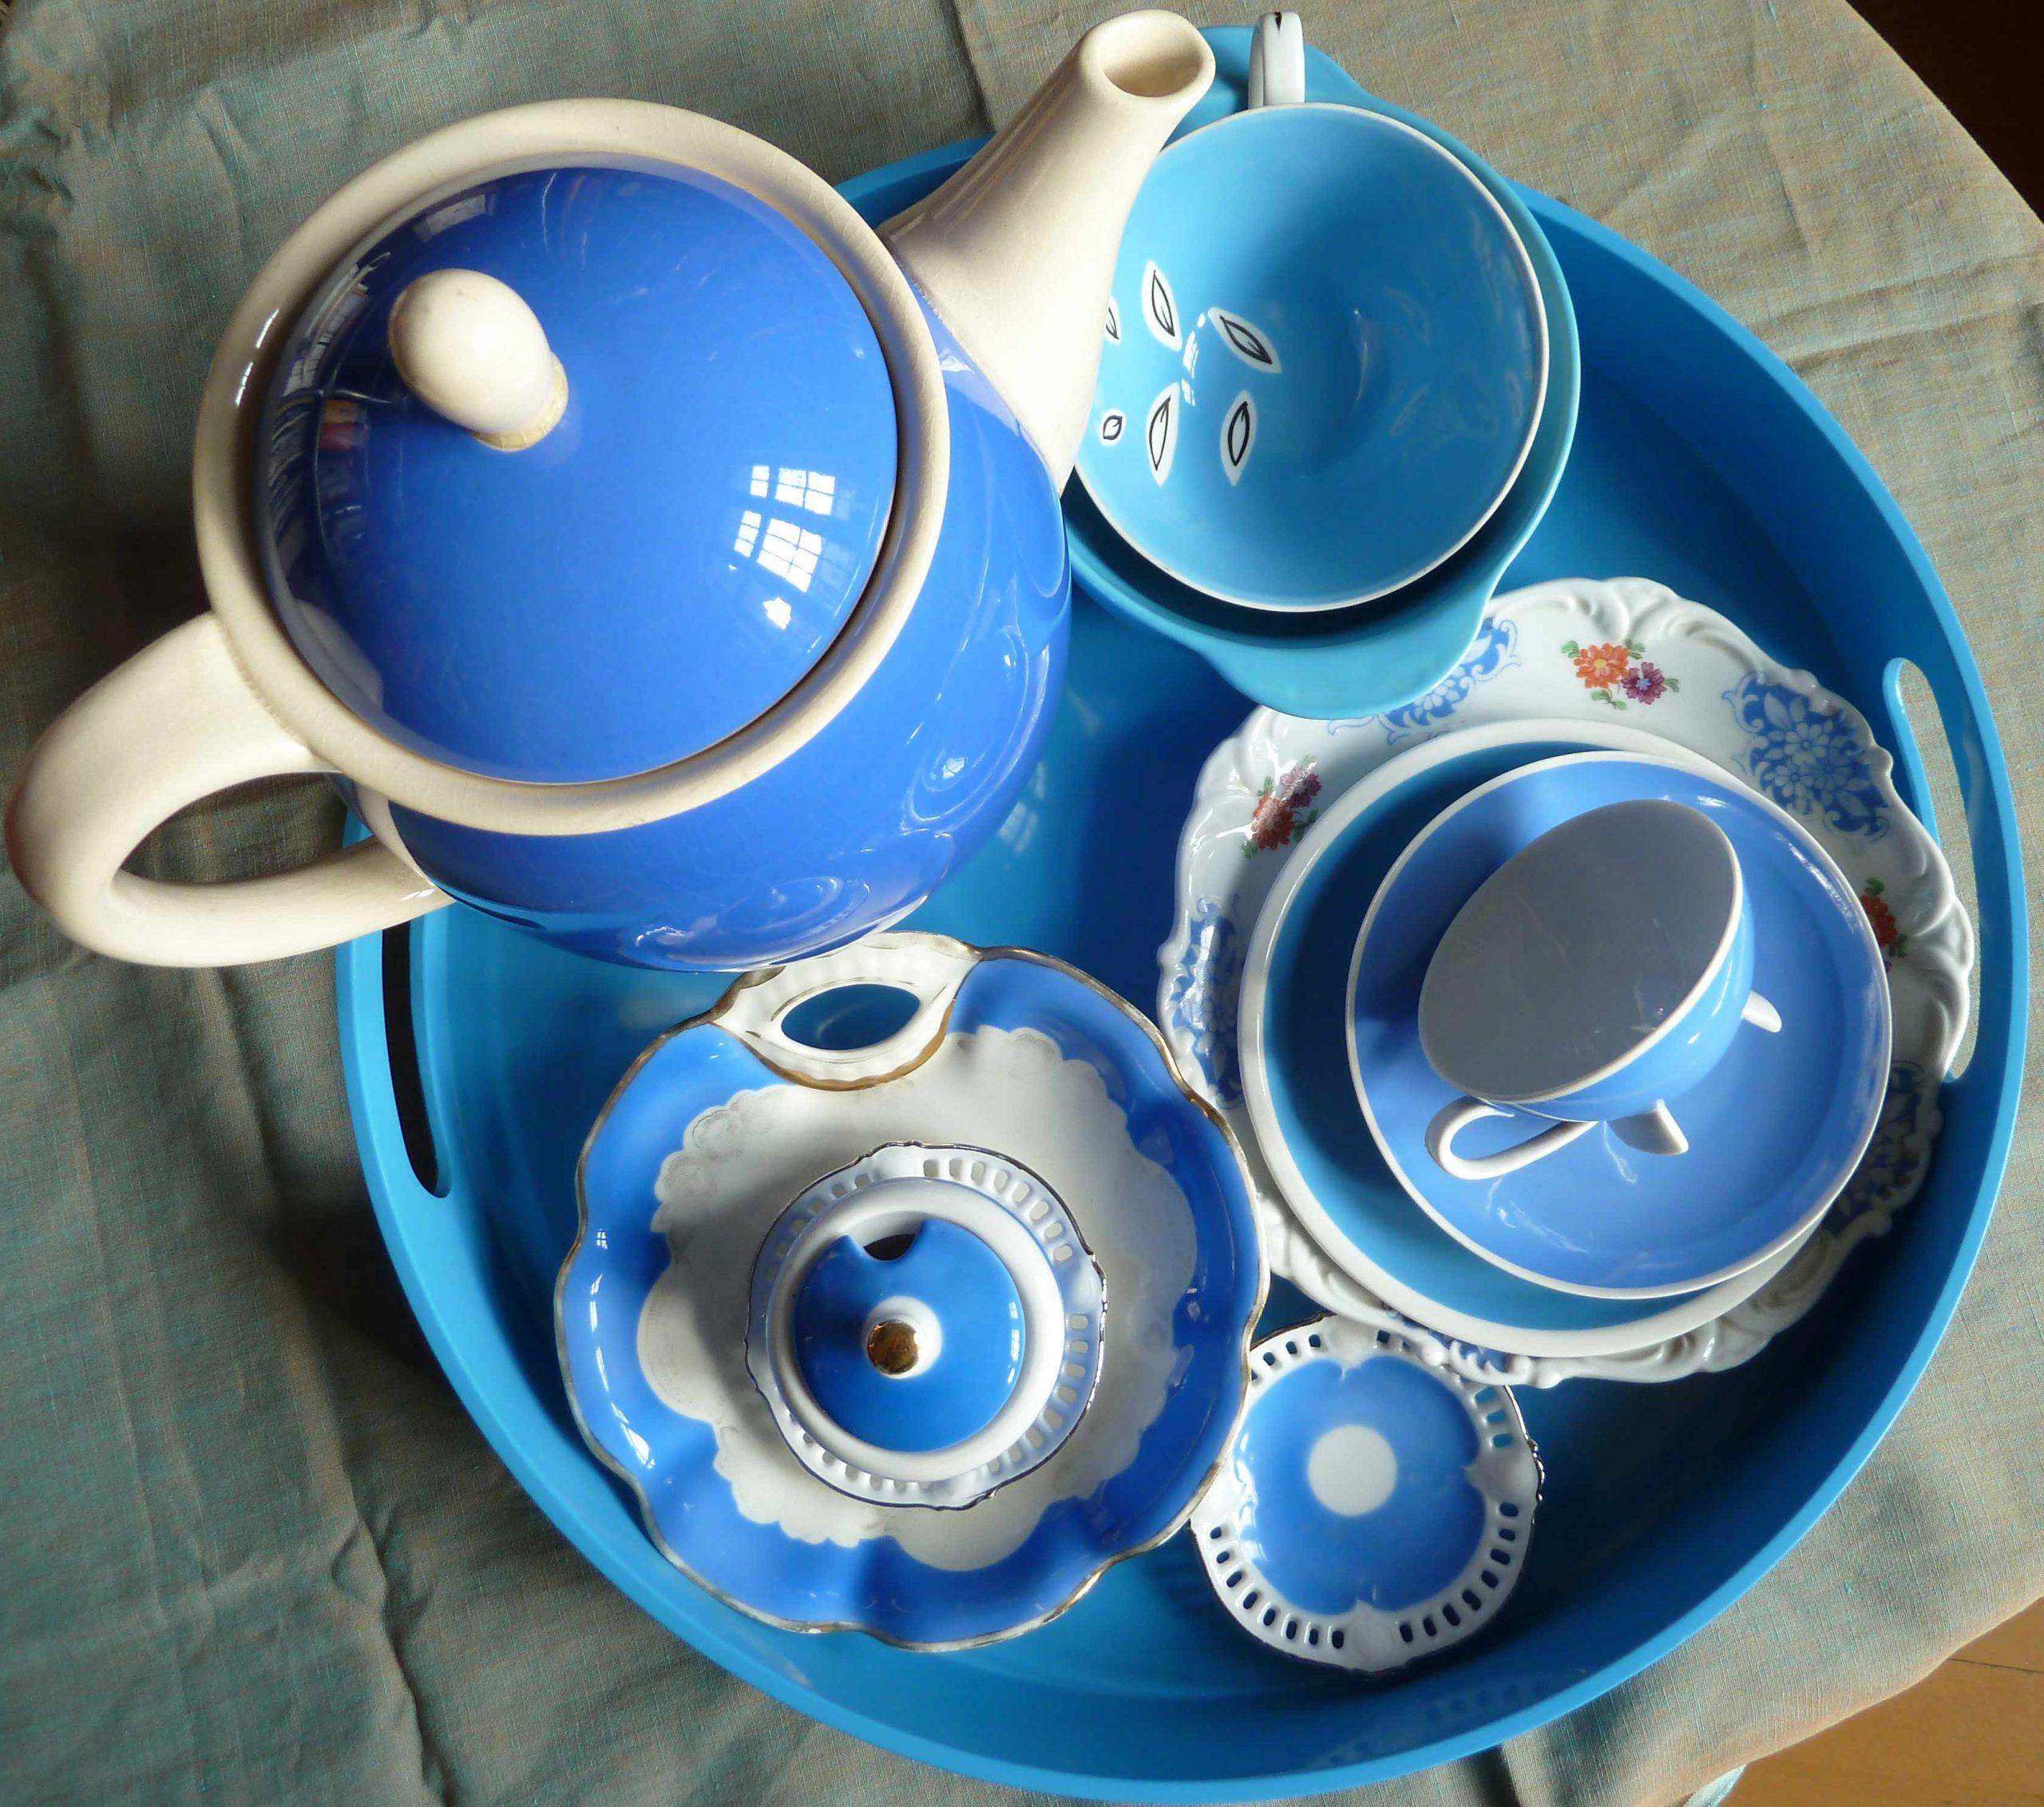 Blaues Geschirr Himmelblau zum Eintauchen auf dem Tablett